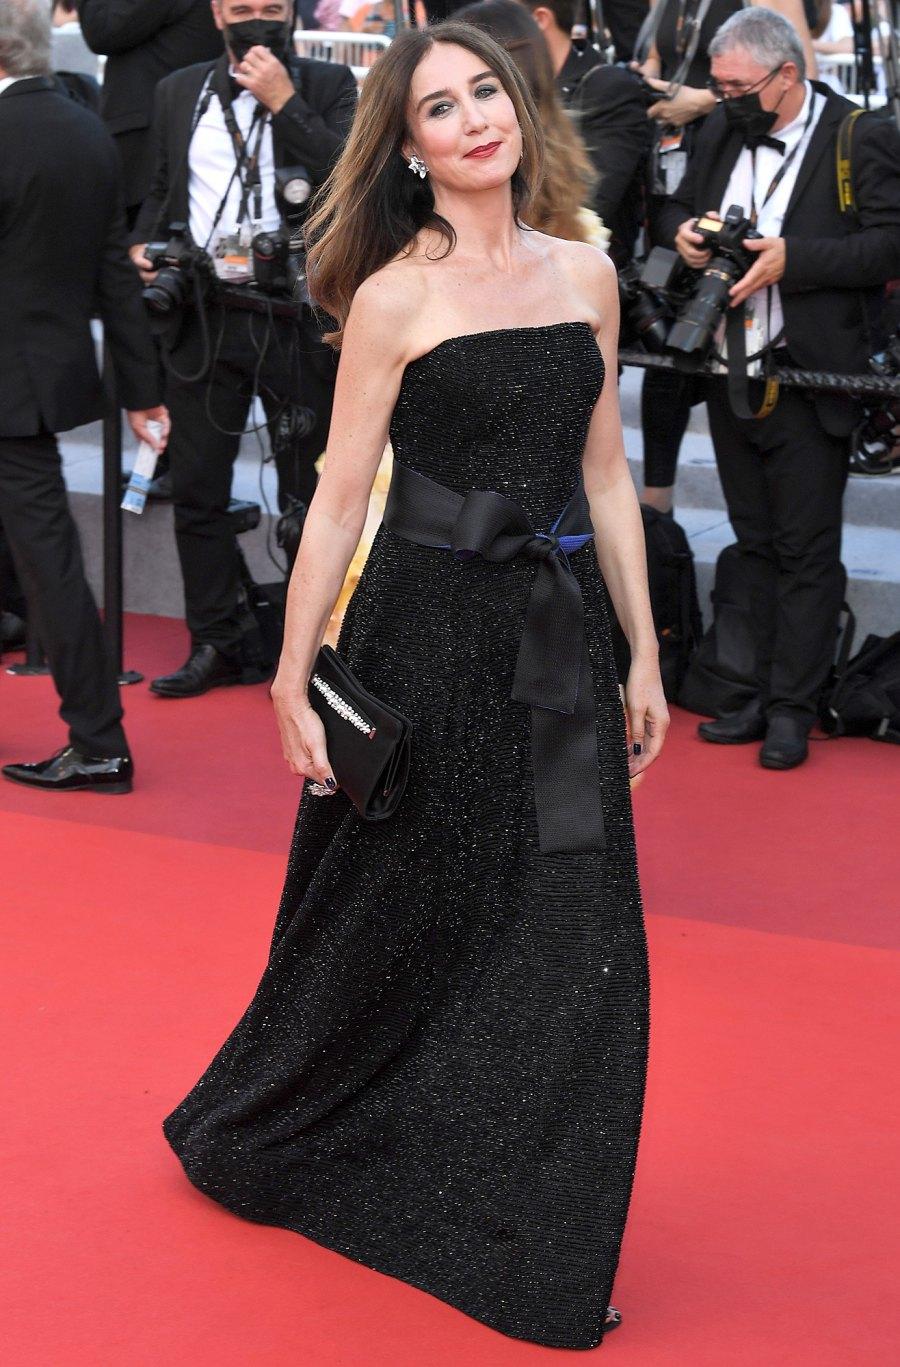 Elsa Zylberstein Cannes Film Festival 2021 Best Red Carpet Fashion